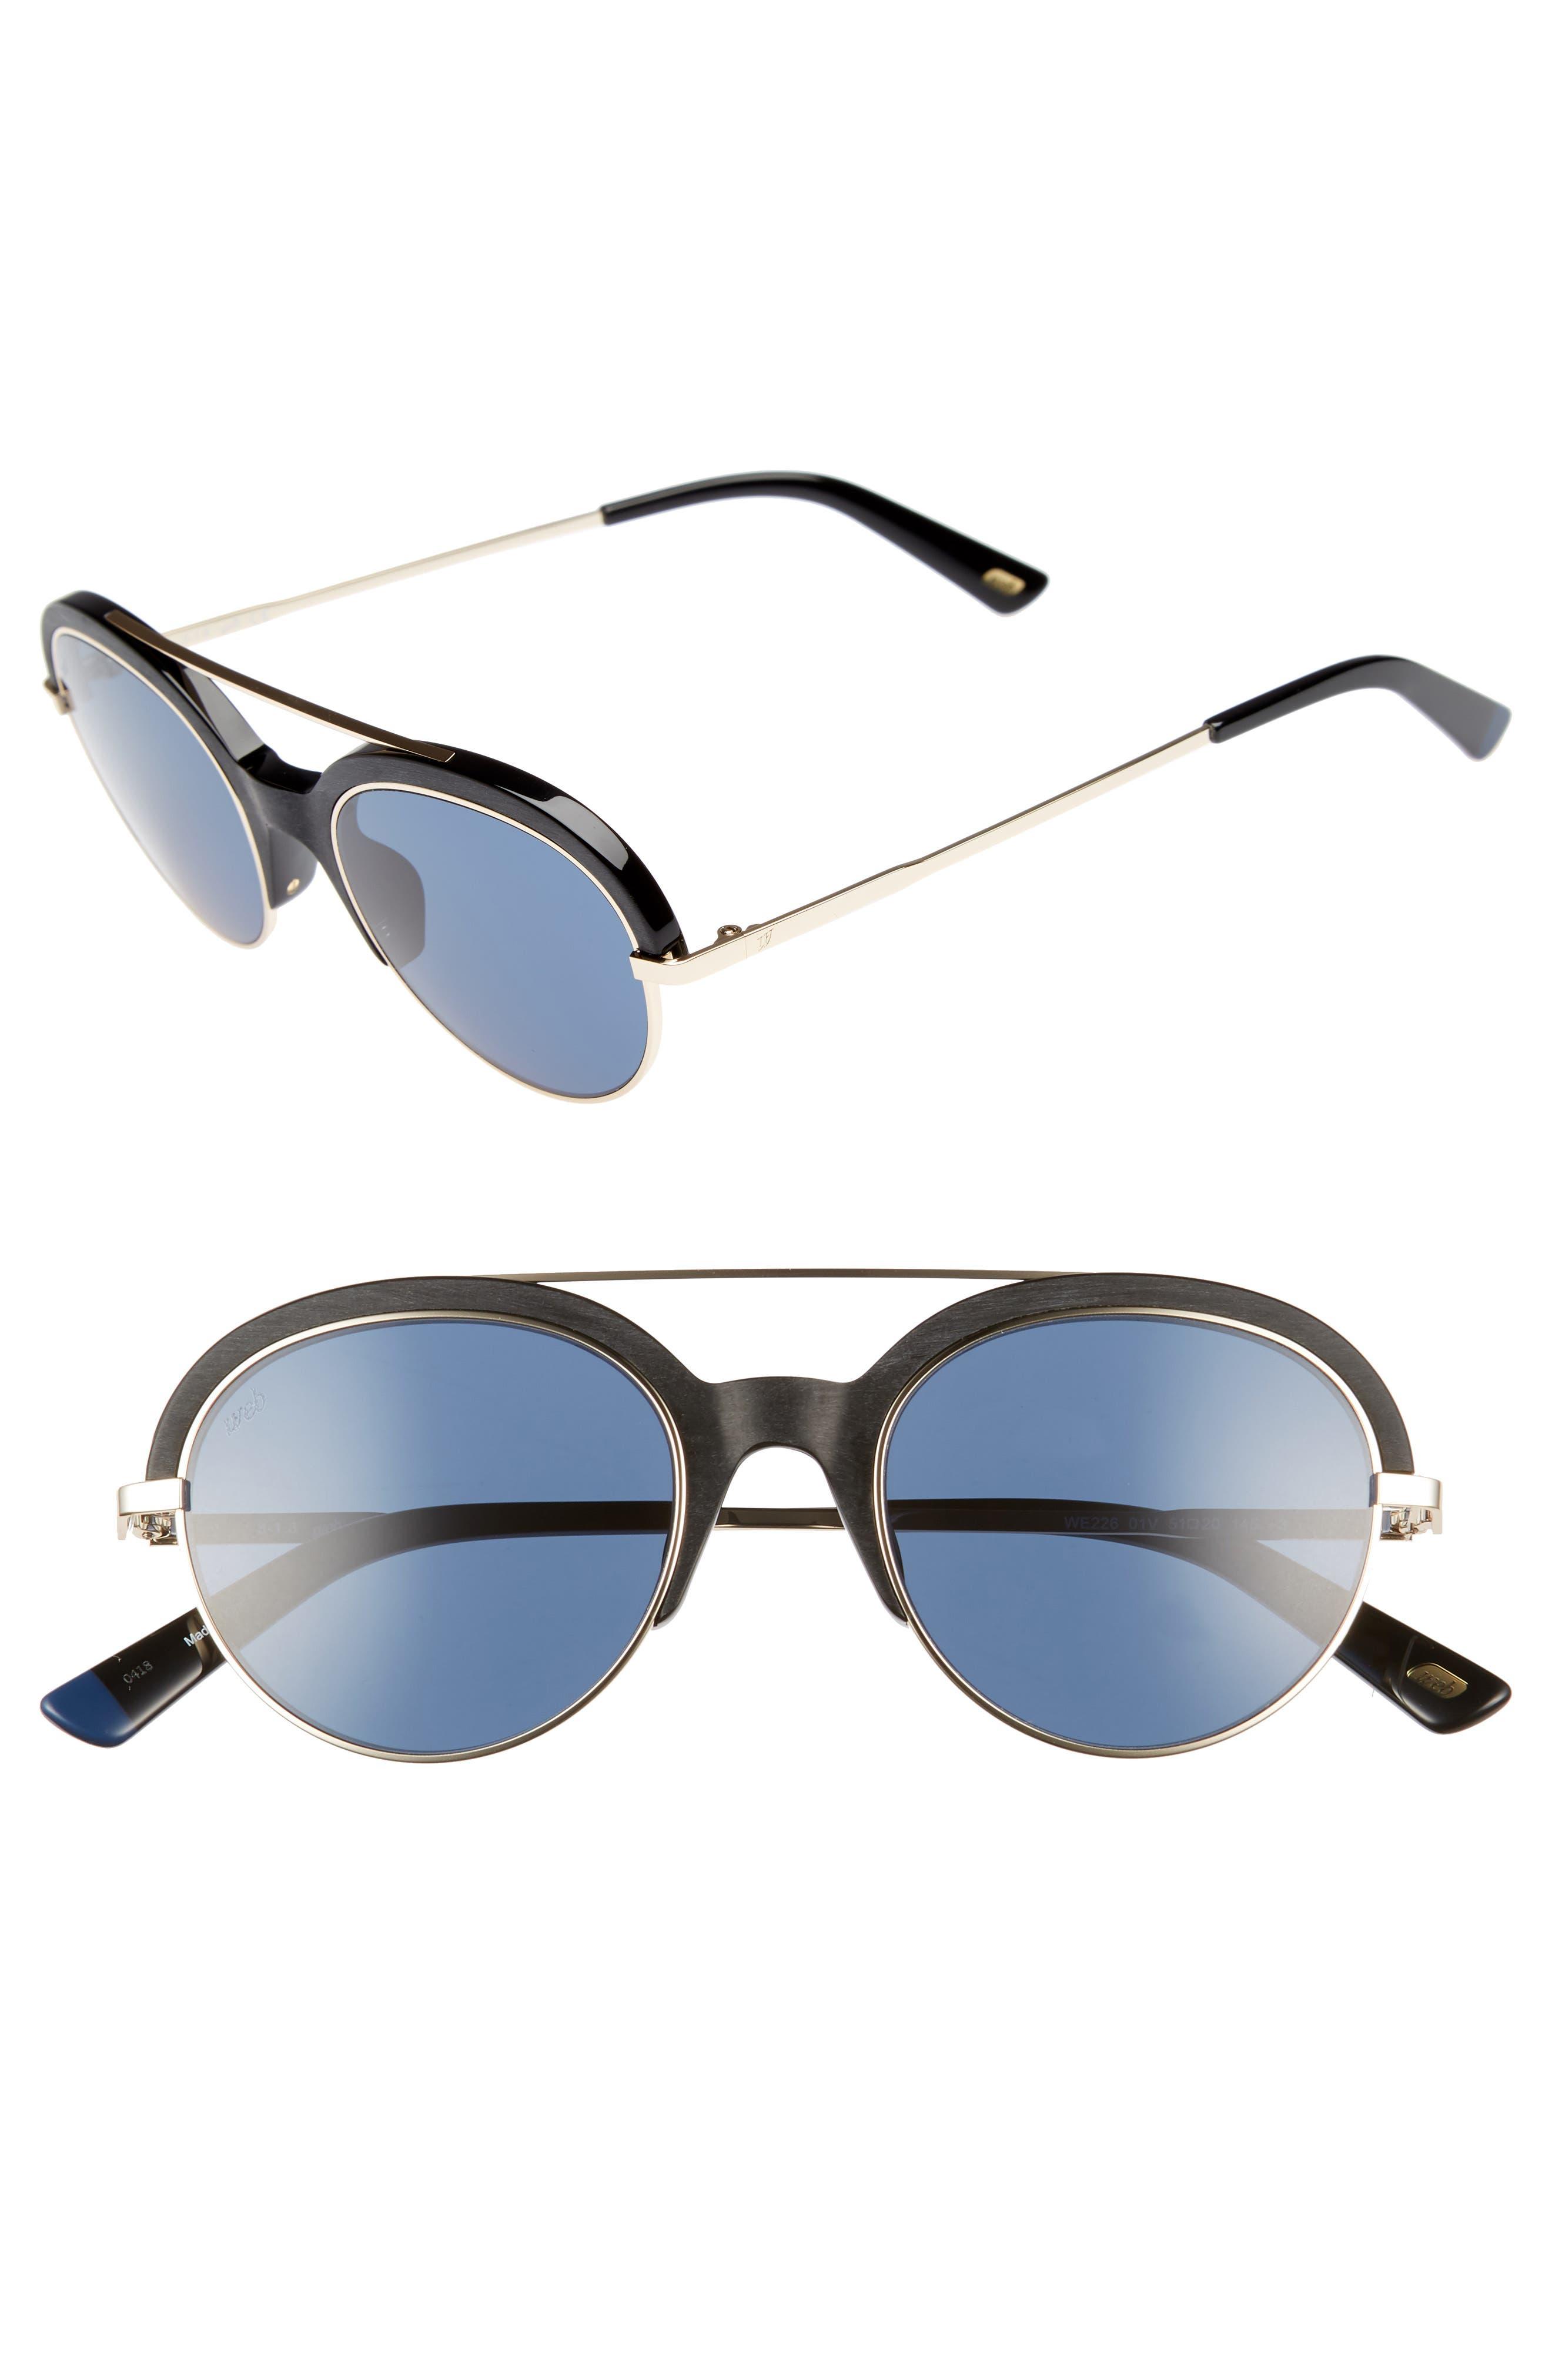 WEB,                             51mm Aviator Sunglasses,                             Main thumbnail 1, color,                             SHINY BLACK/ BLUE